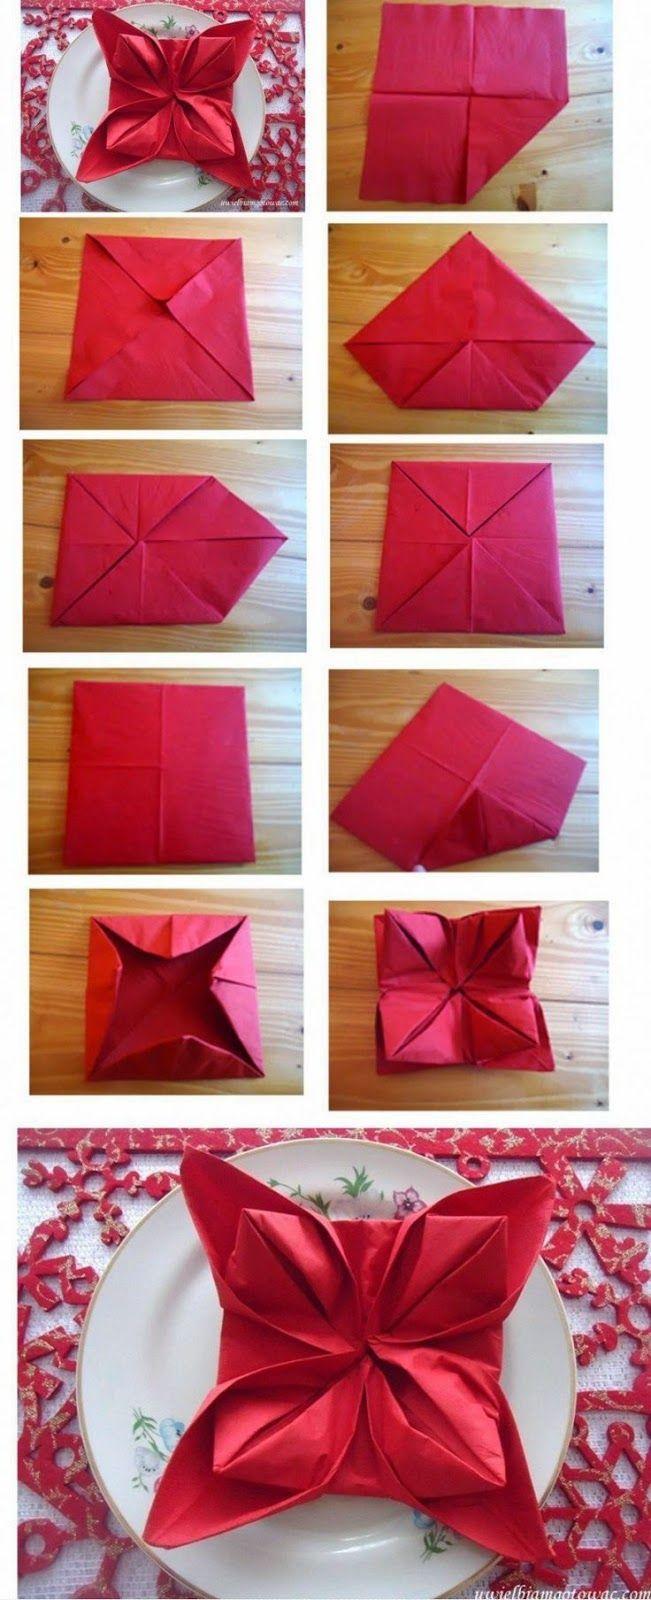 M s de 25 ideas incre bles sobre doblar las servilletas en - Doblar servilletas para navidad ...